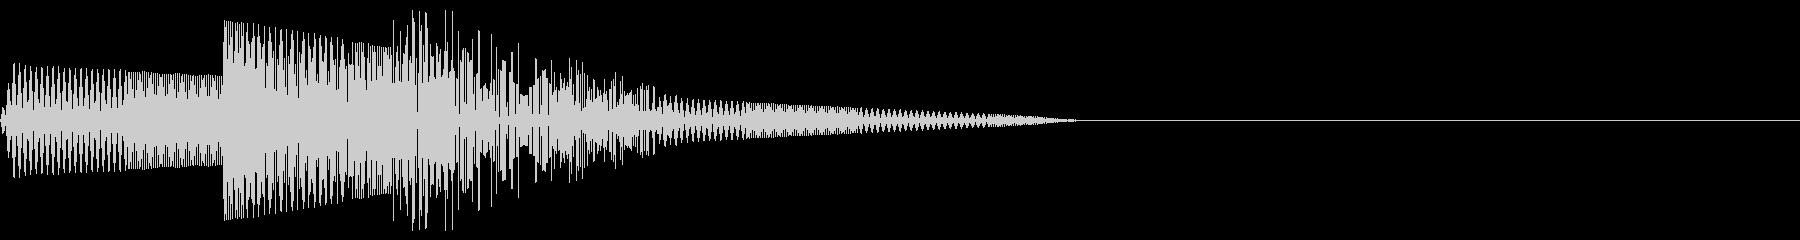 ピコン(選択/魔法/ファミコン/ピコピコの未再生の波形